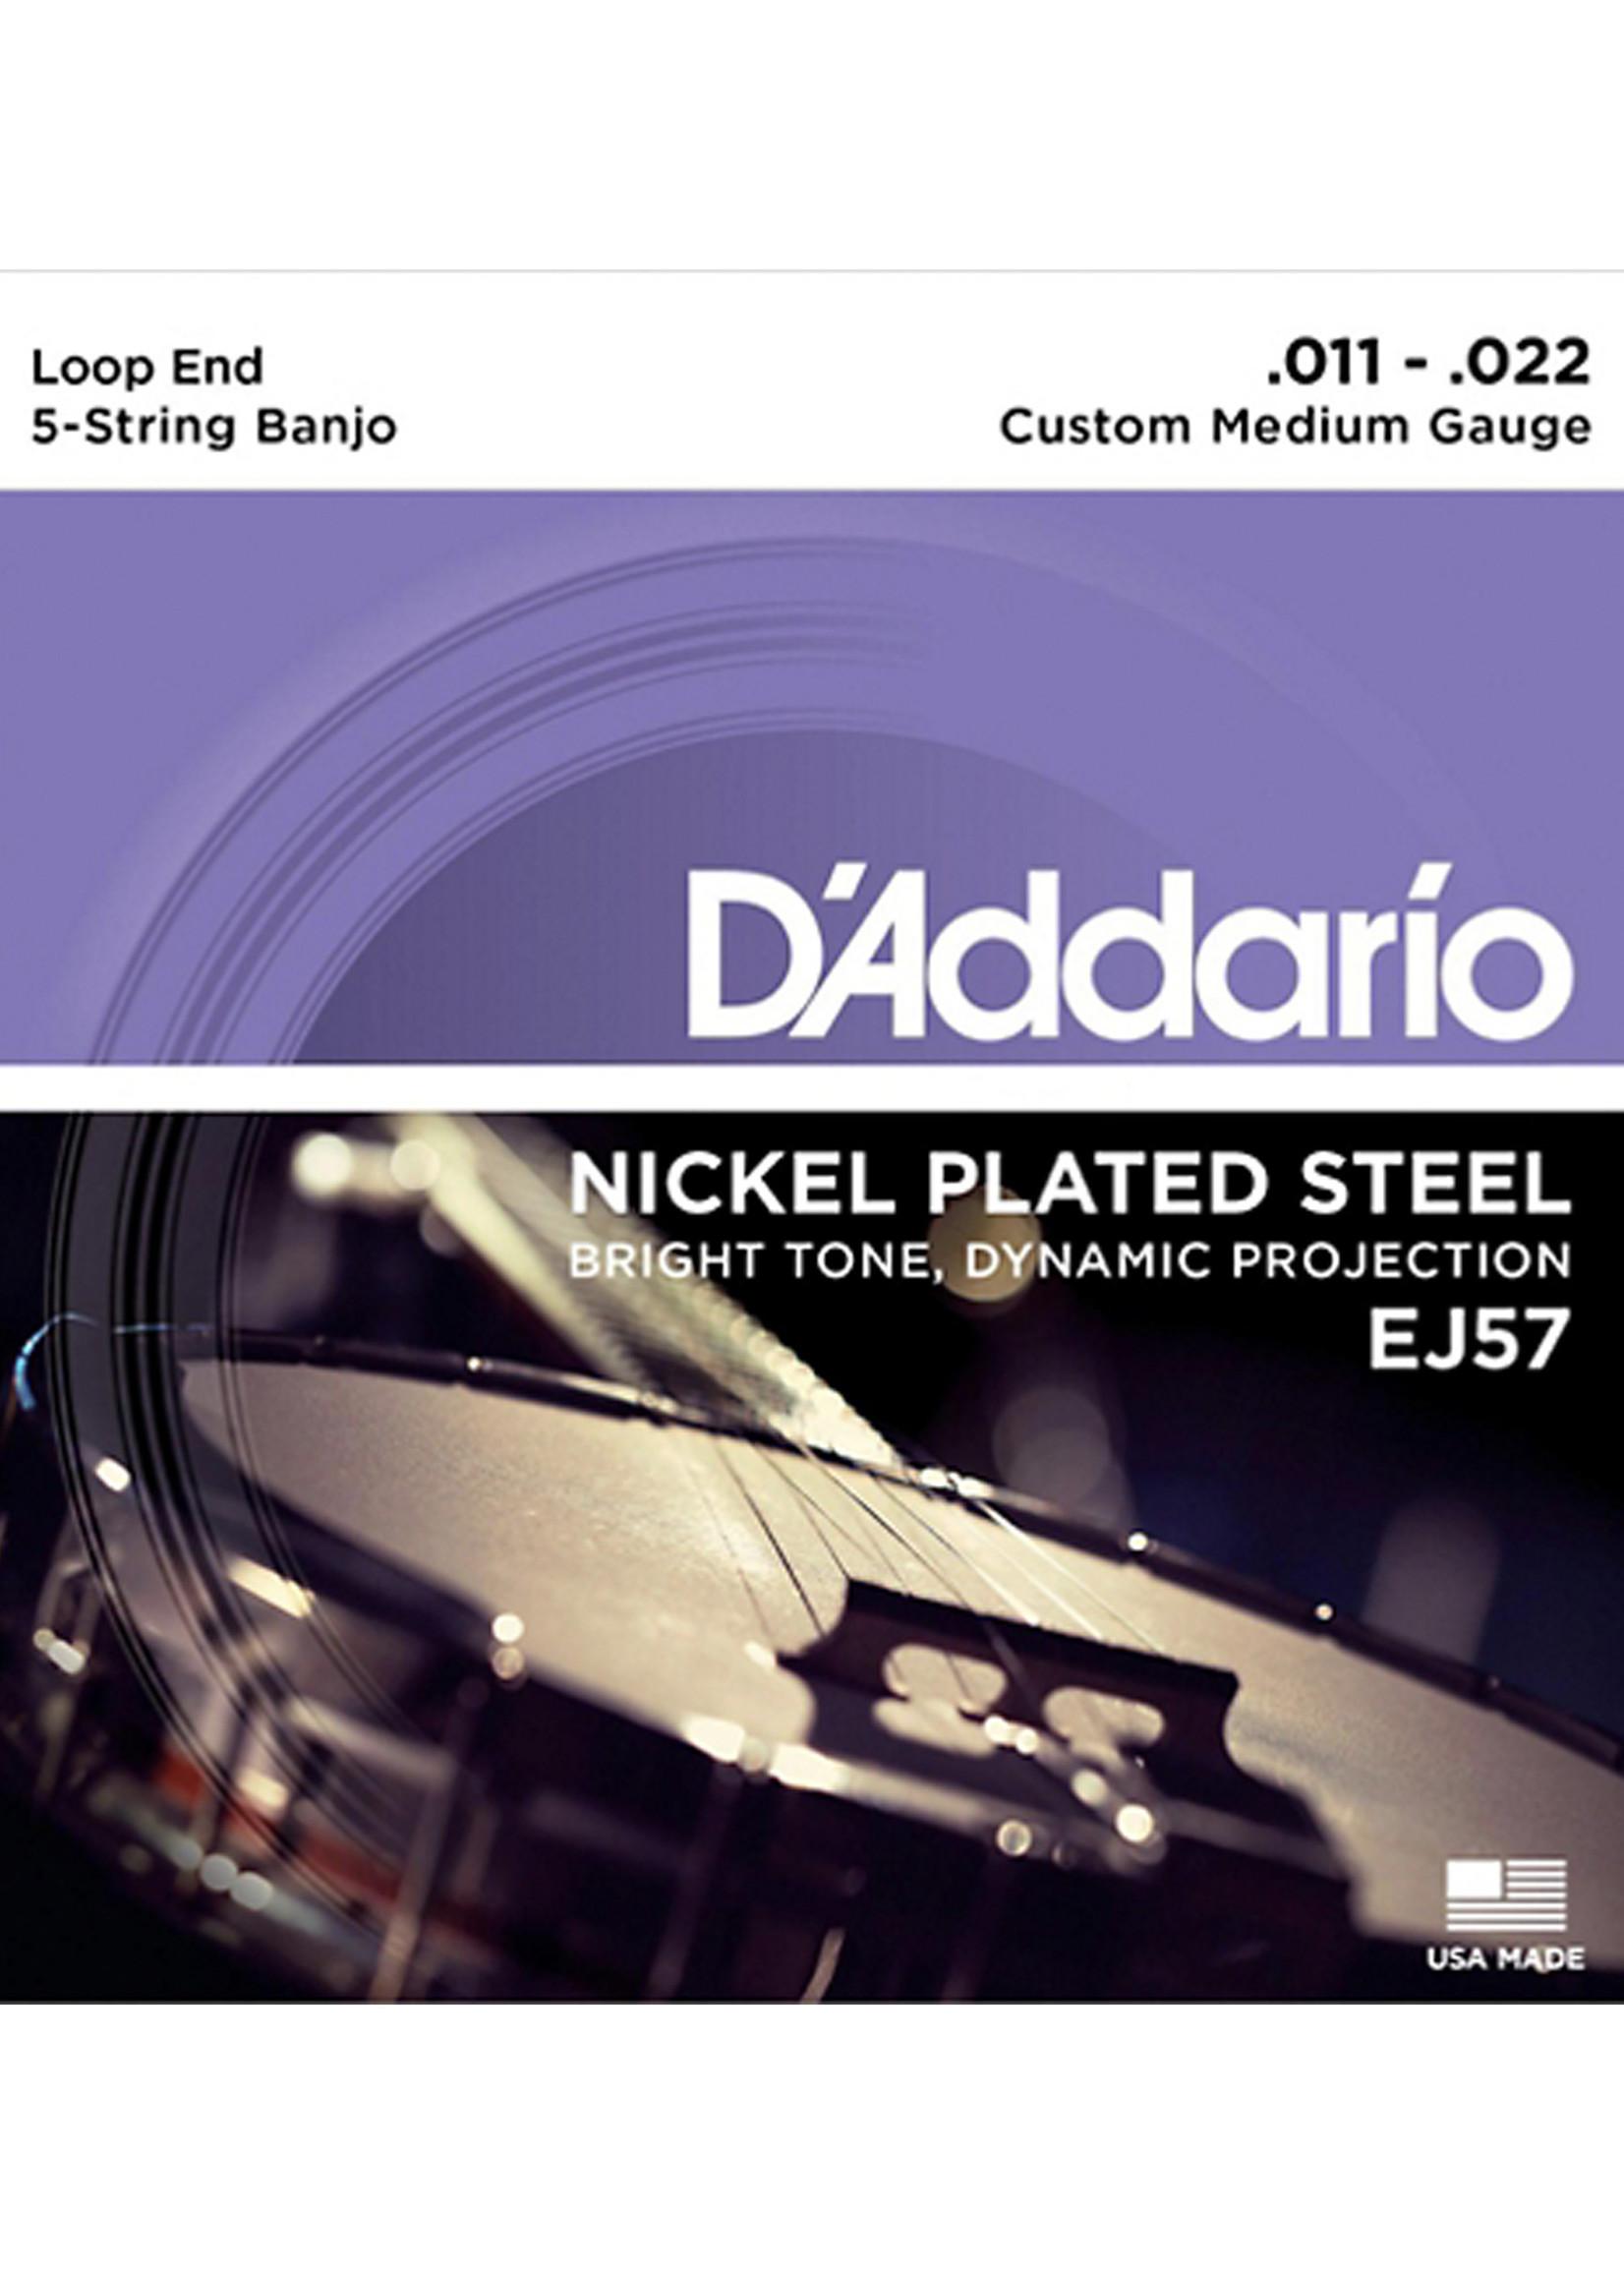 DAddario Fretted D'Addario EJ57 11-22 Custom Medium